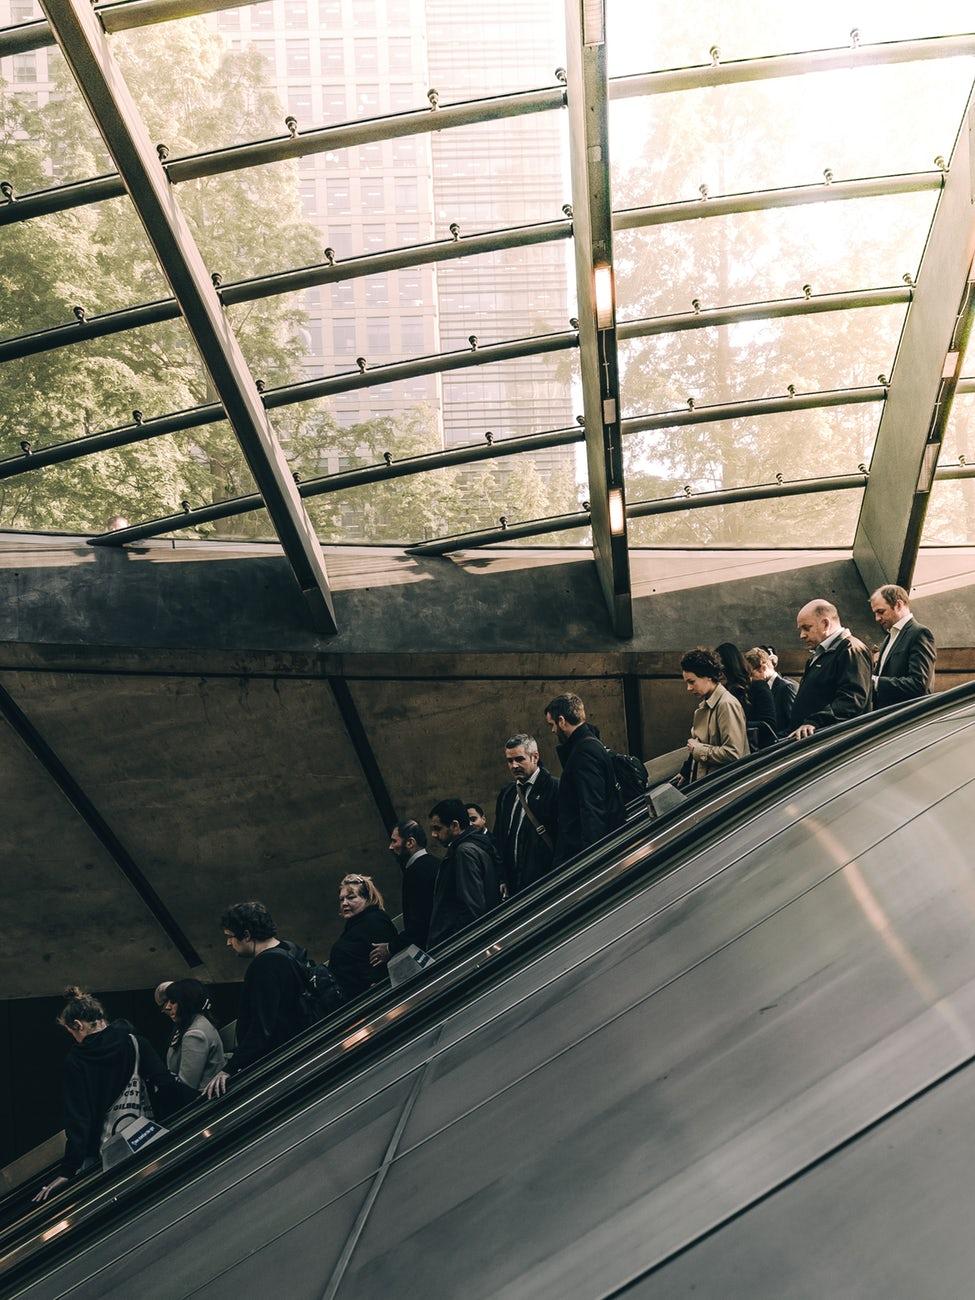 daily gridn escalator.jpg